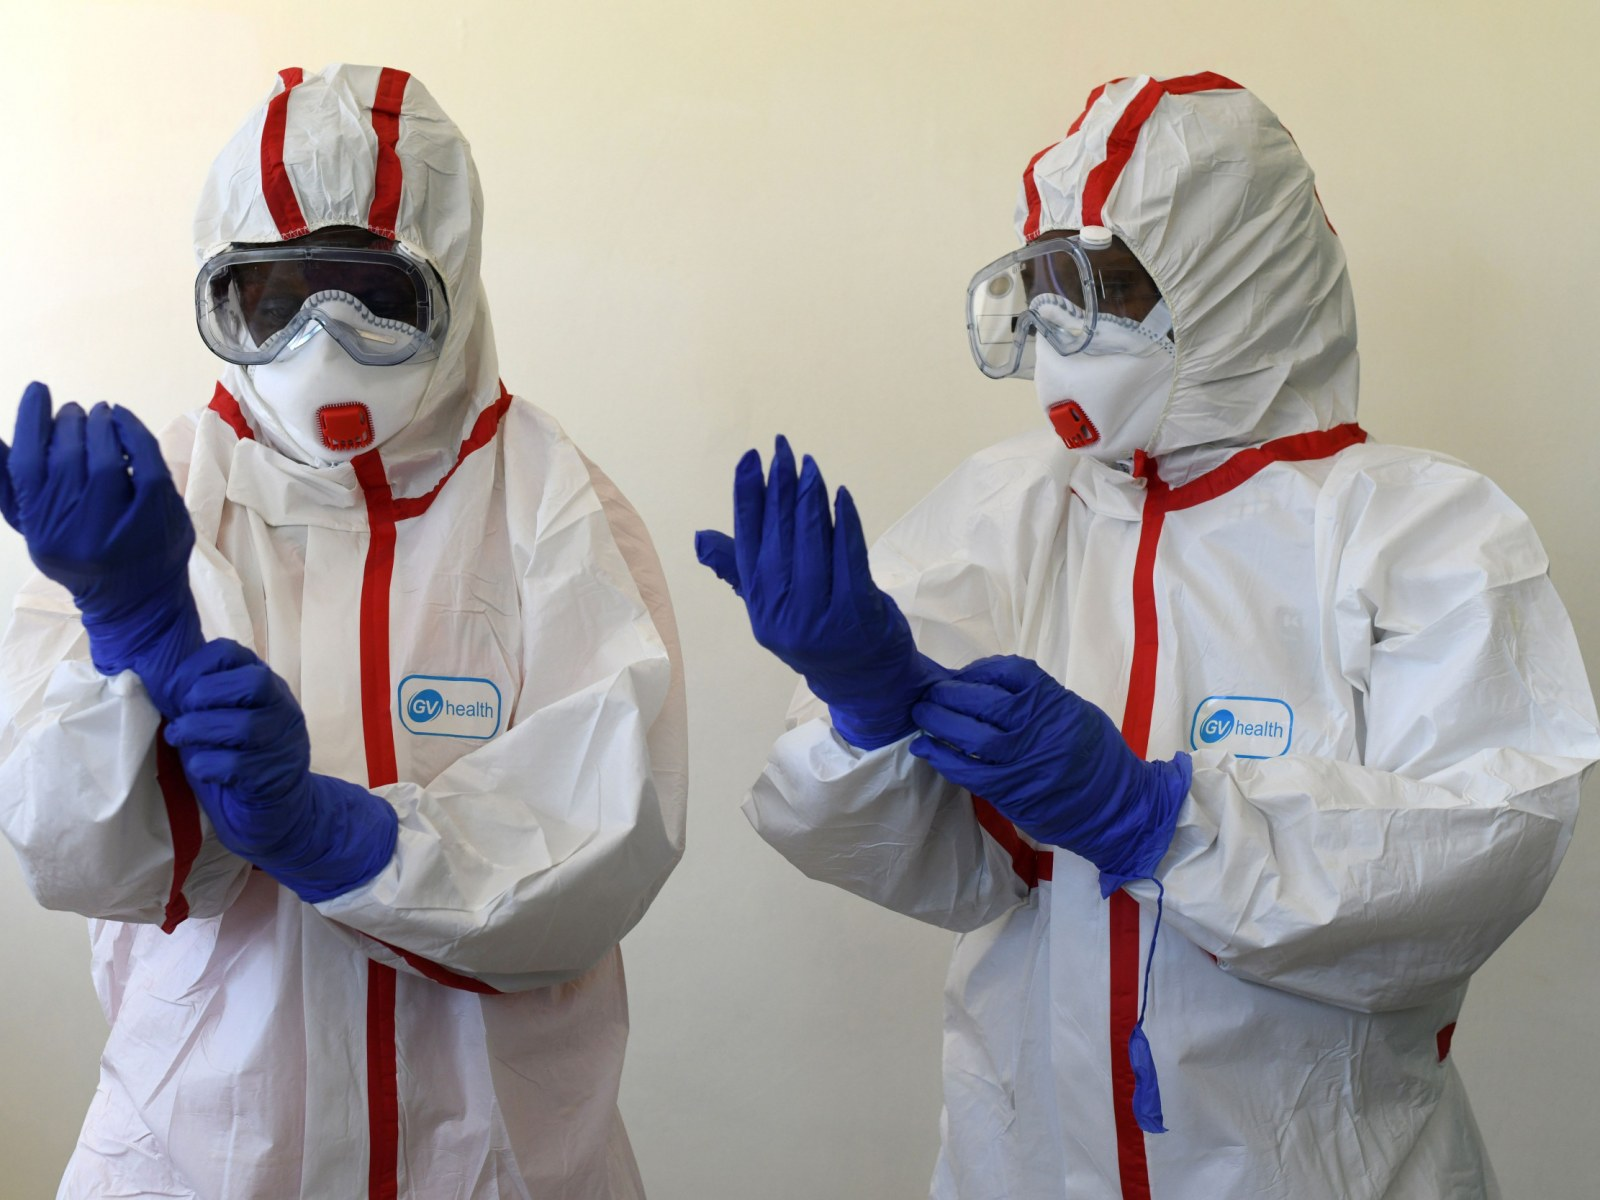 New Coronavirus Will Only Cause Mild Illness In Vast Majority